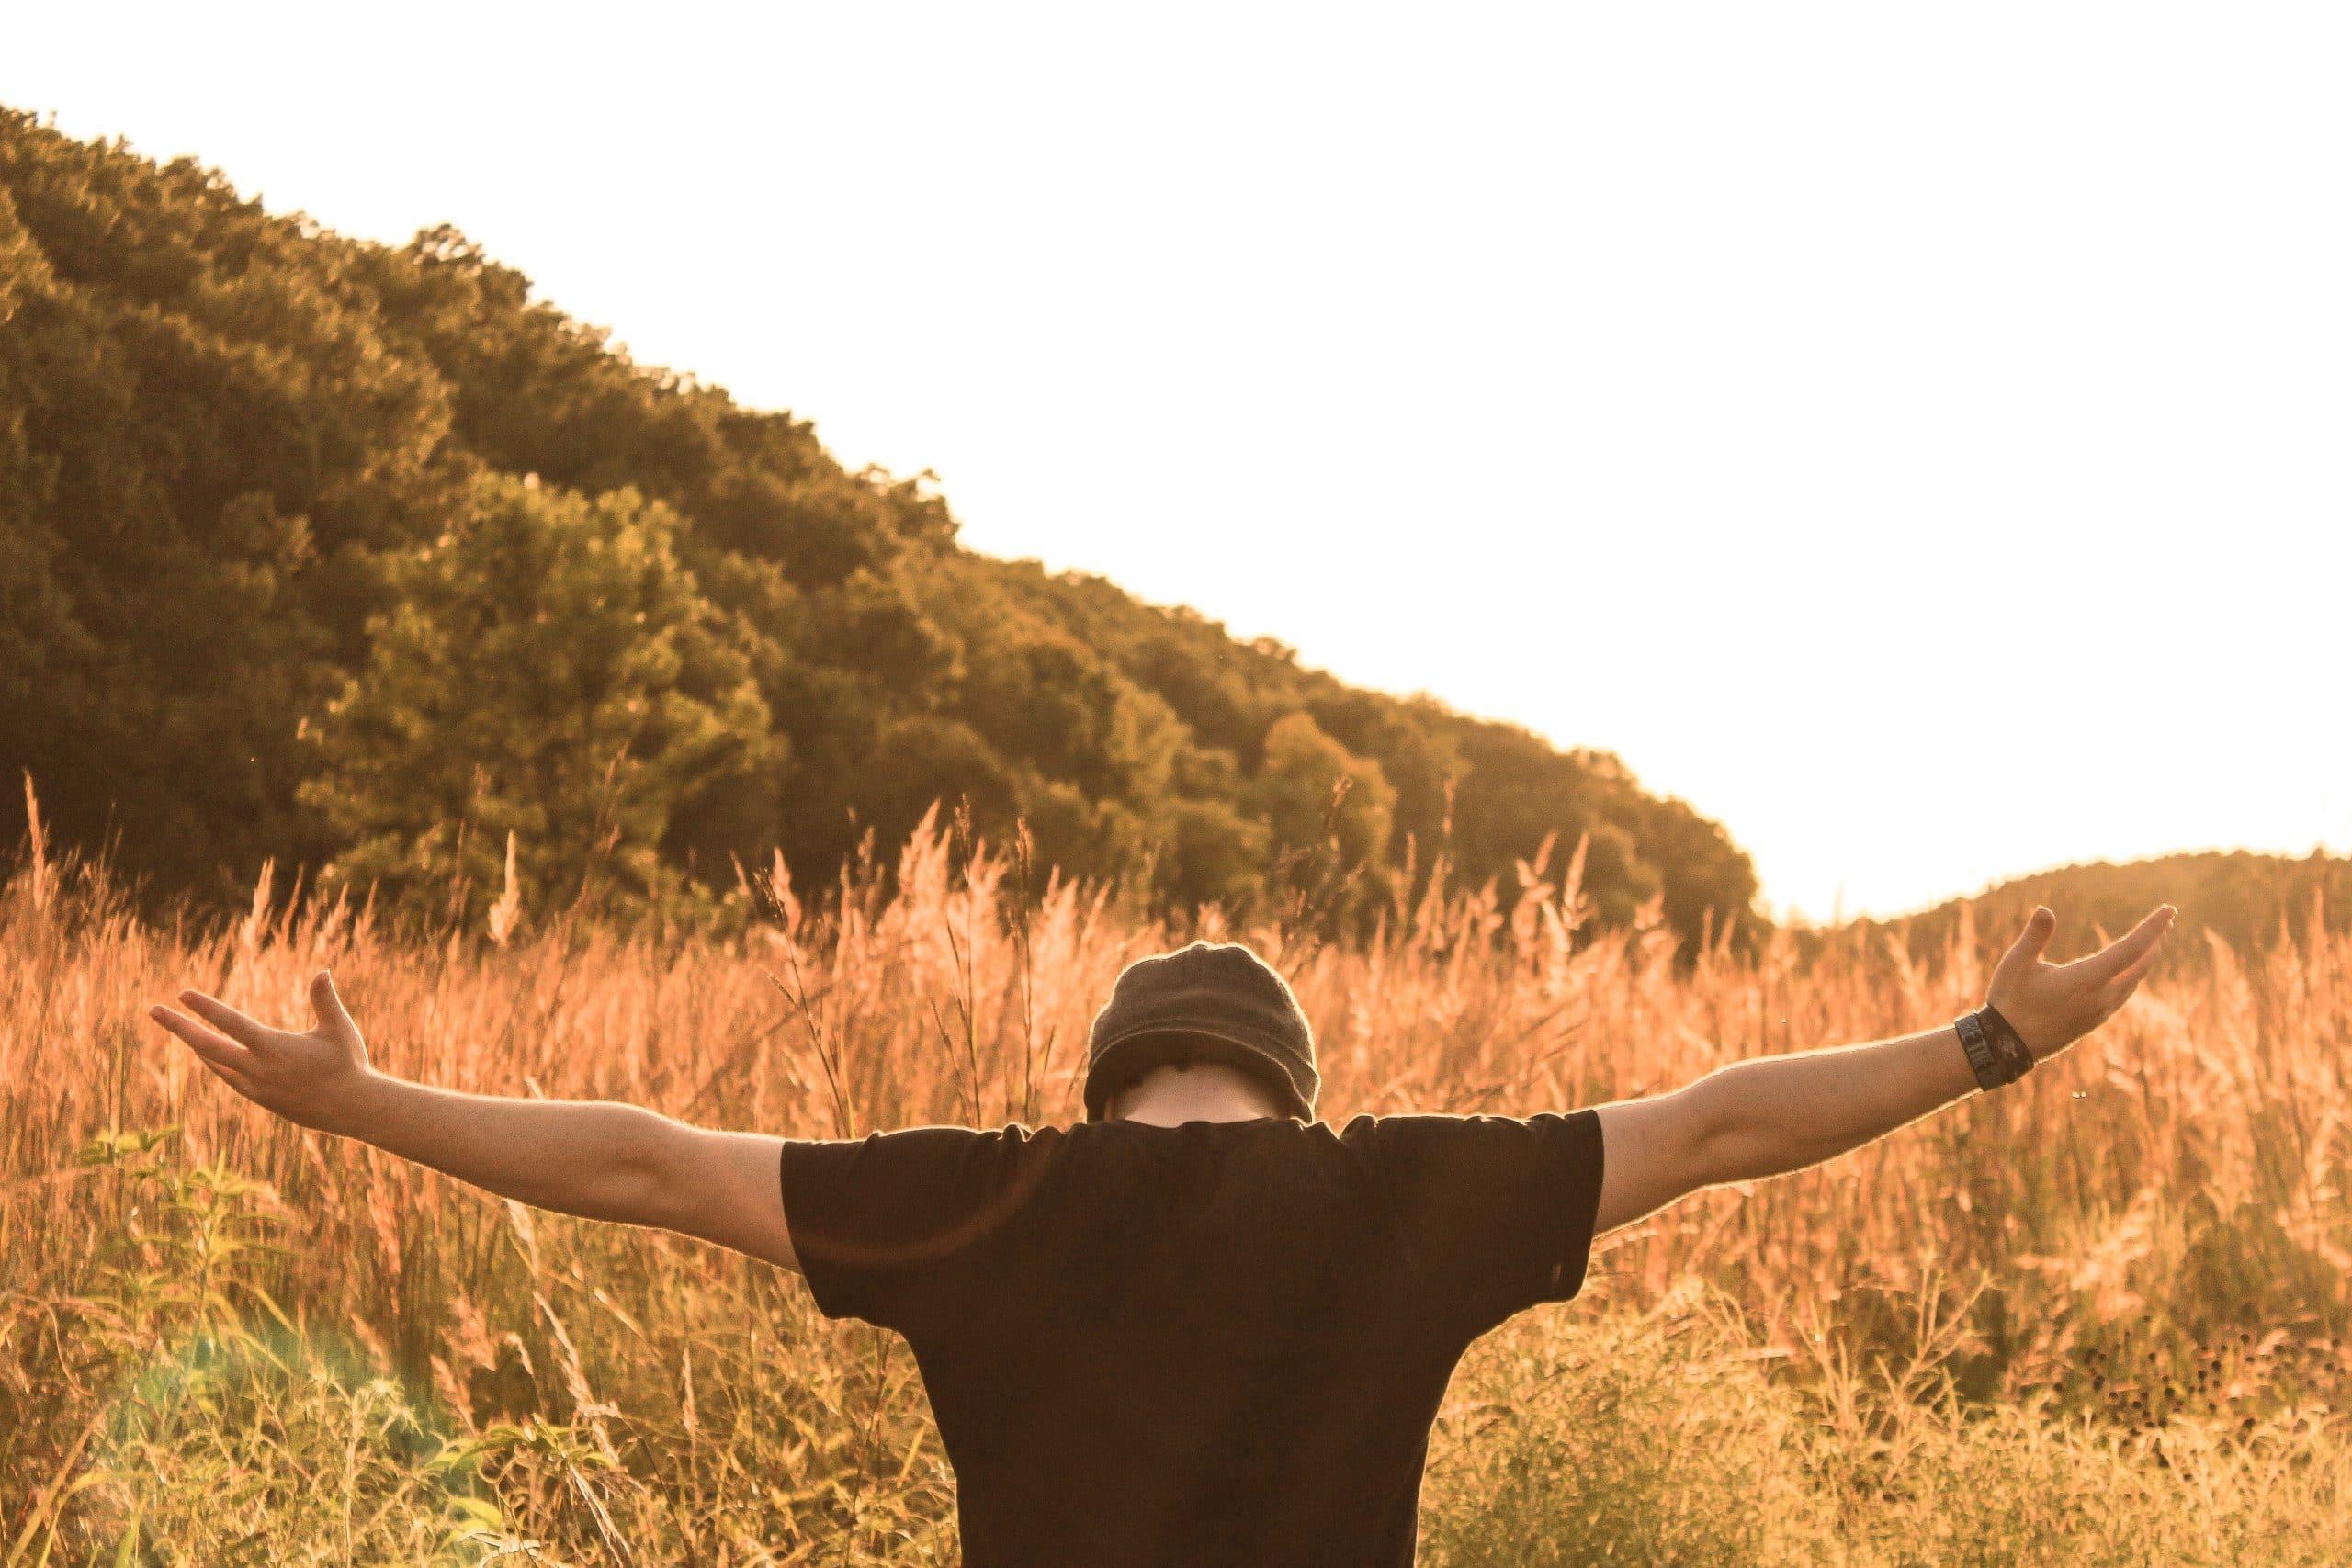 Homem de braços abertos no meio de um campo.